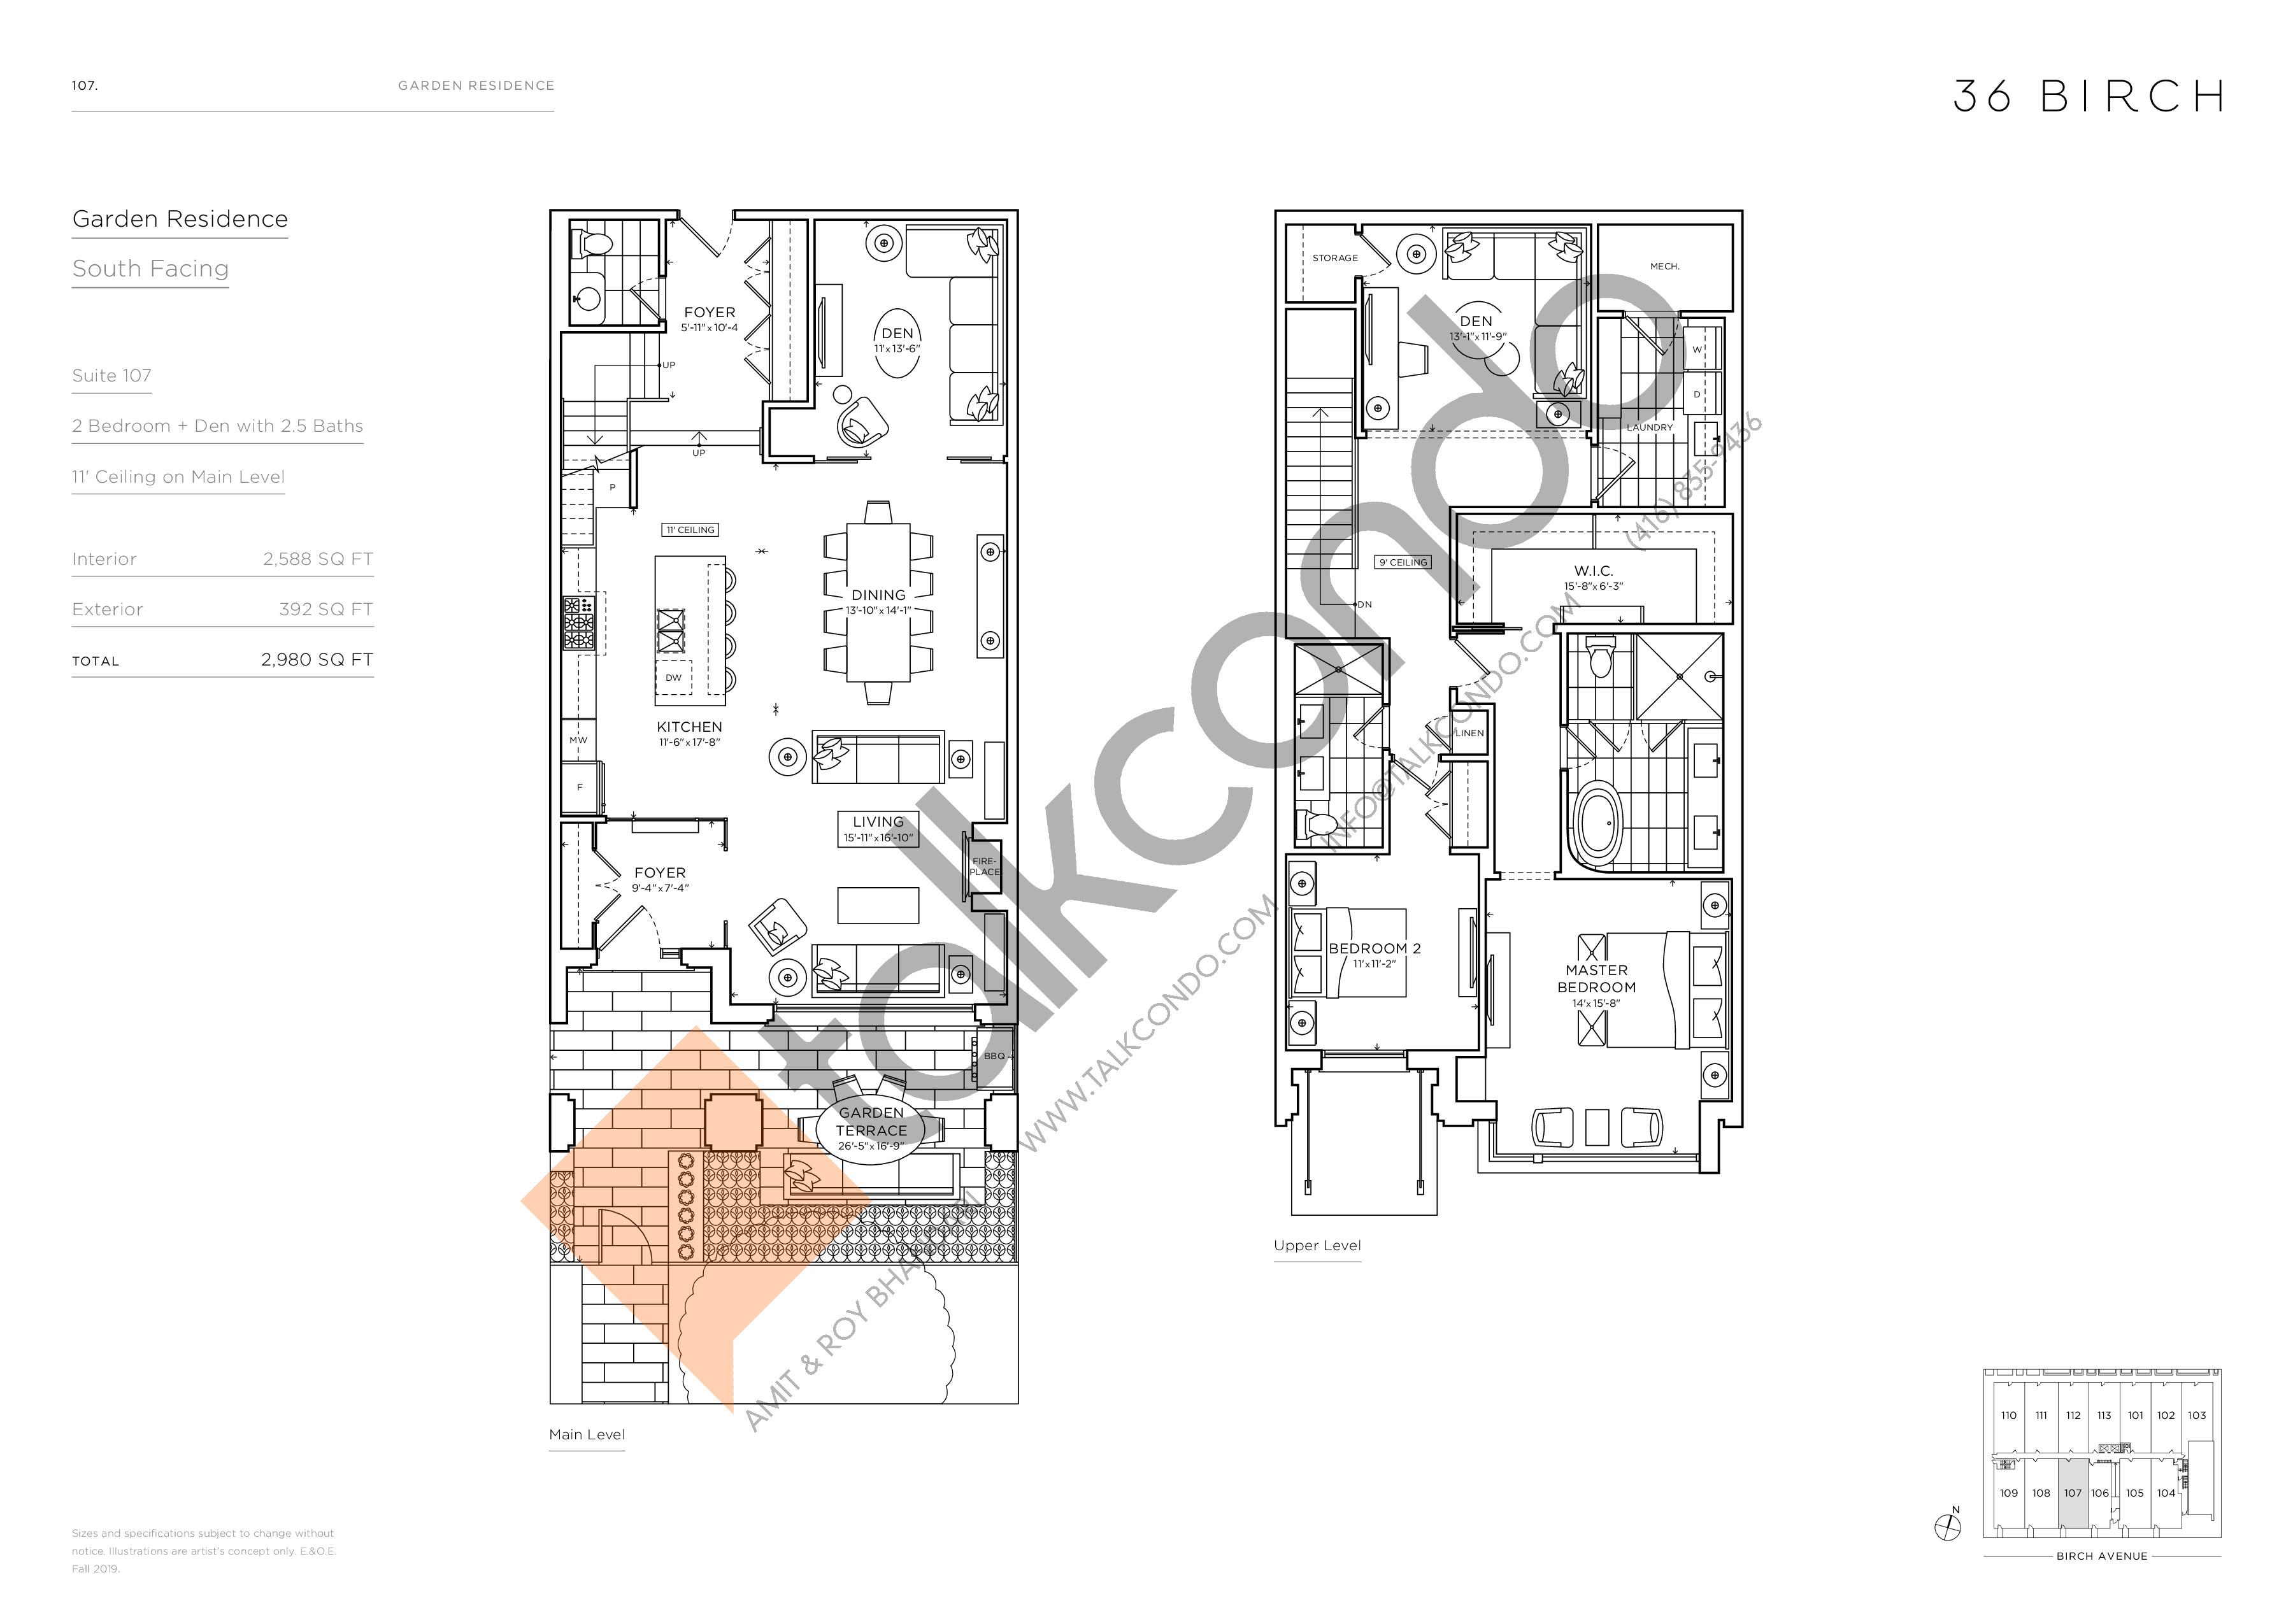 107 - Garden Residences Floor Plan at 36 Birch Avenue Condos - 2588 sq.ft